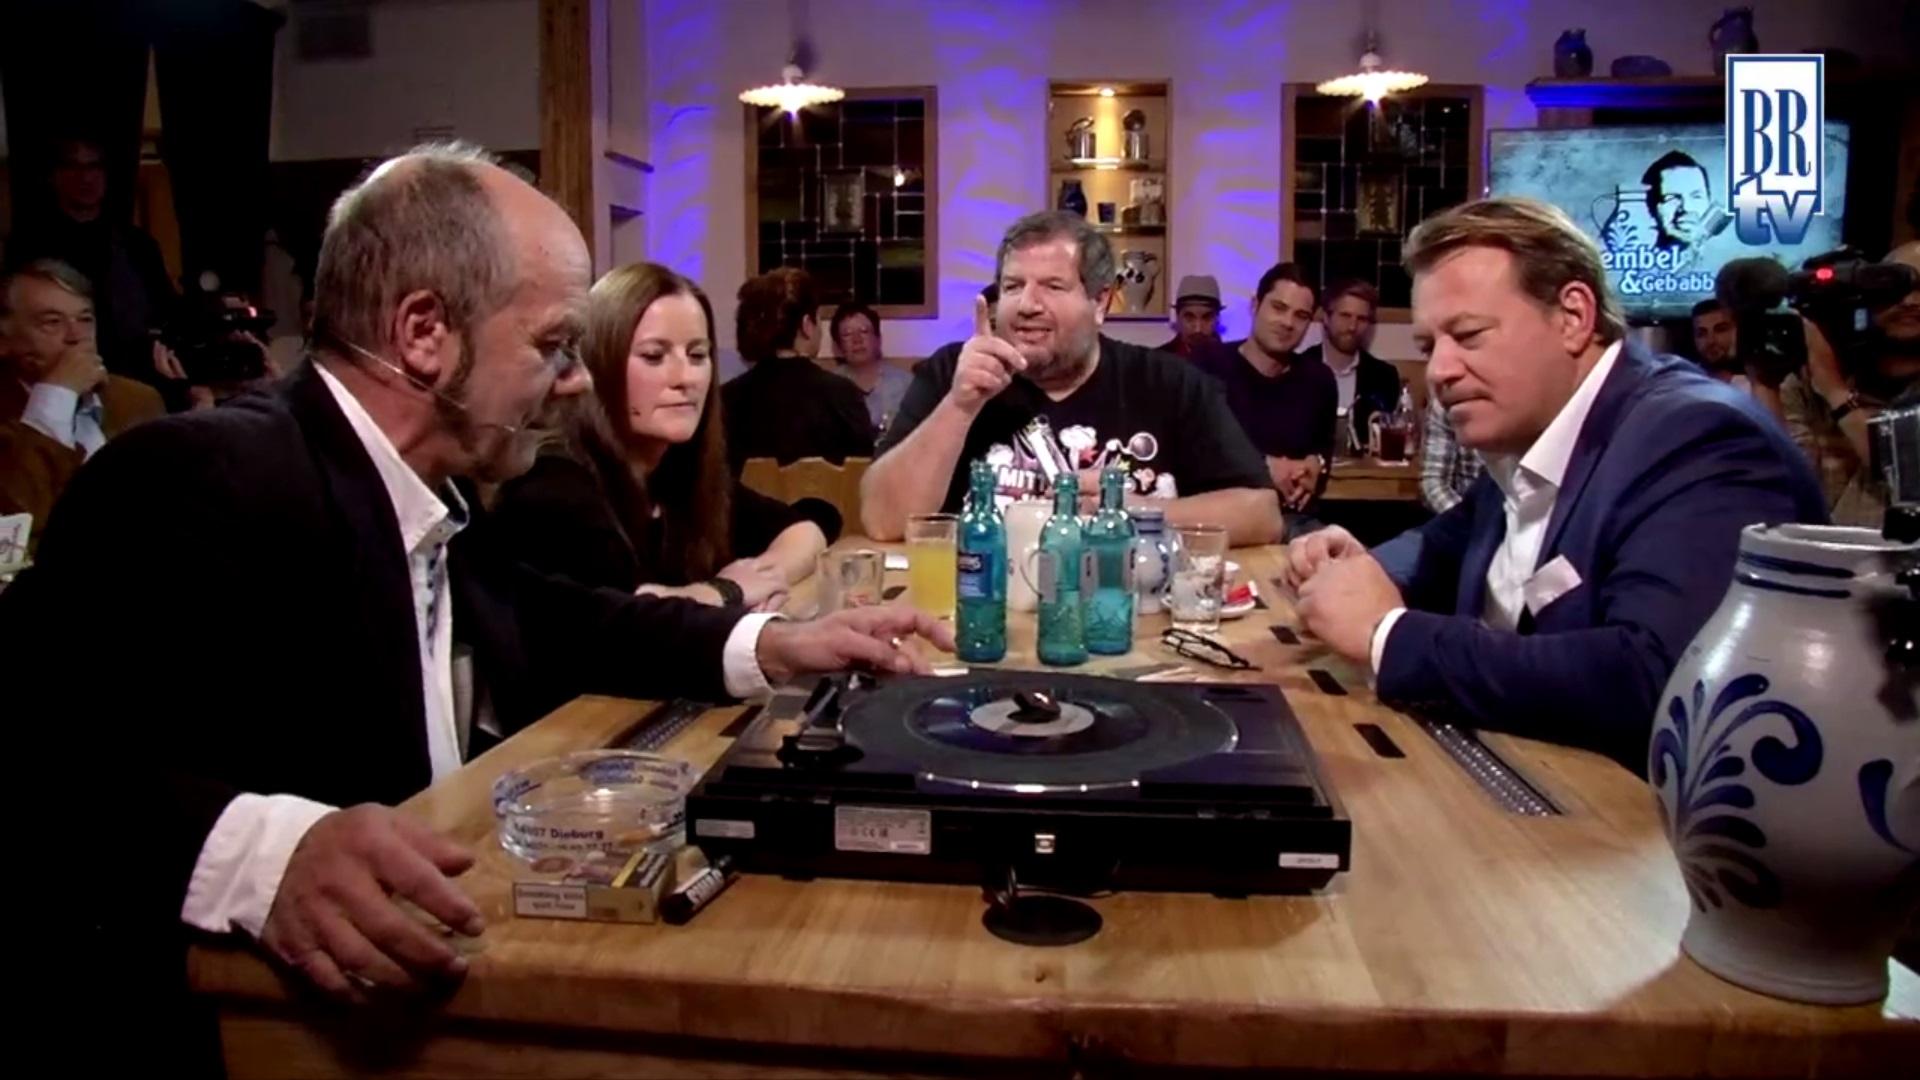 Bembel & Gebabbel – Folge 28 mit Corny Littmann, Janine Wissler & Jörg Müllerb